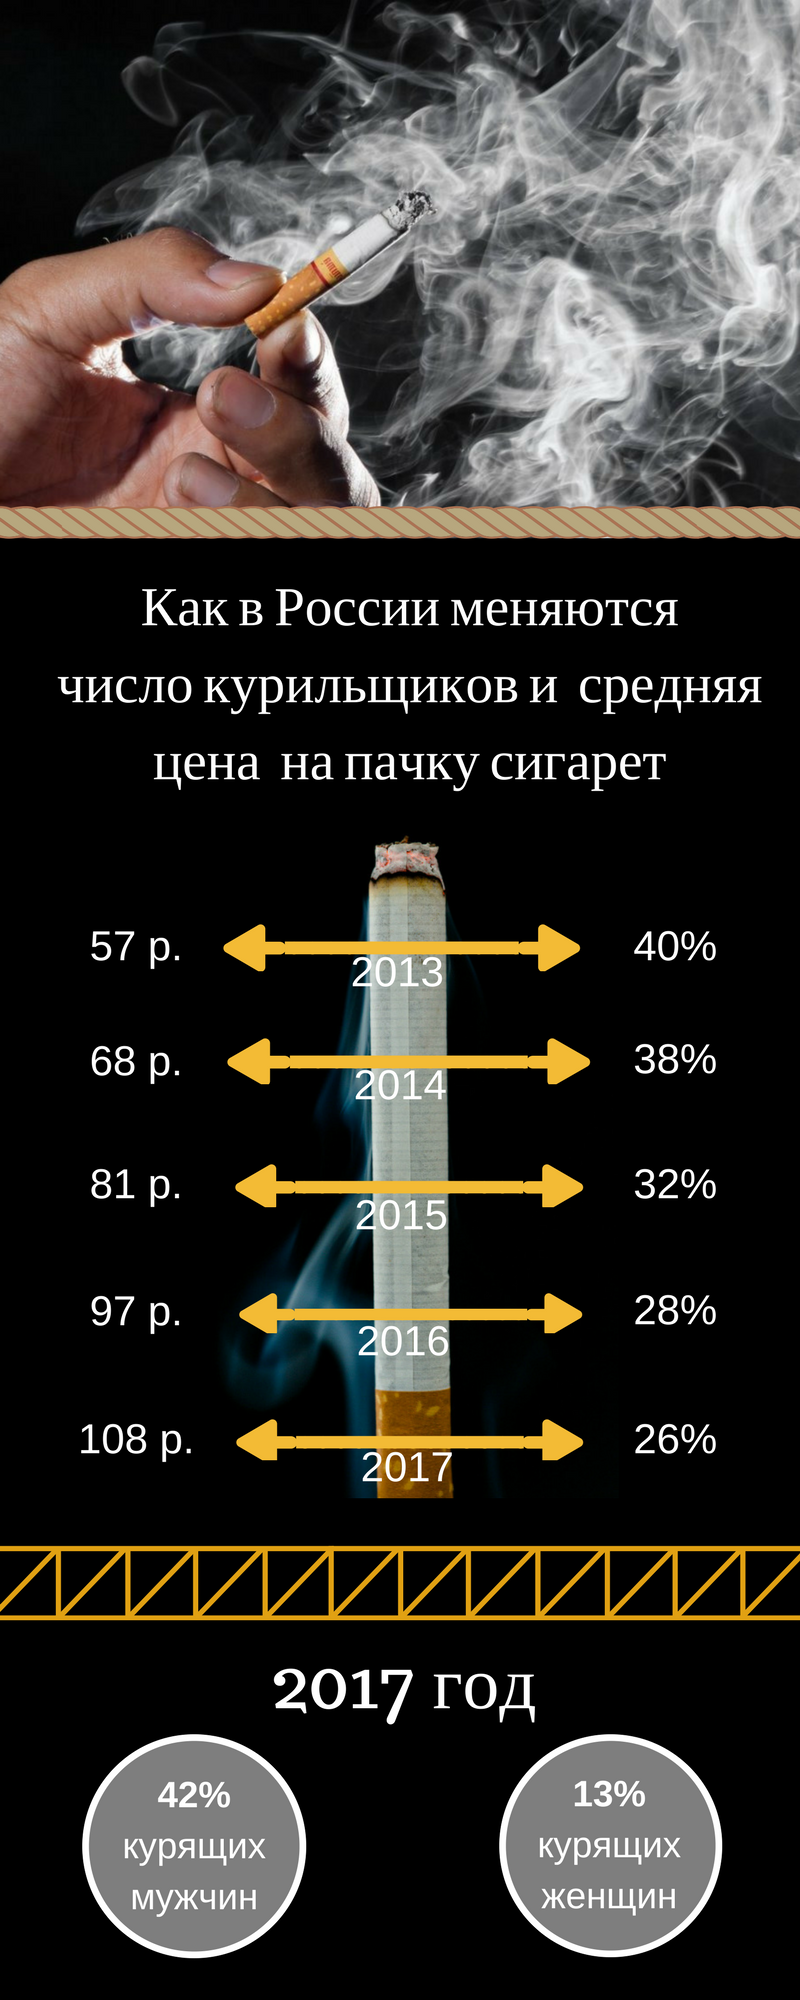 Цены на сигареты растут — количество курильщиков падает